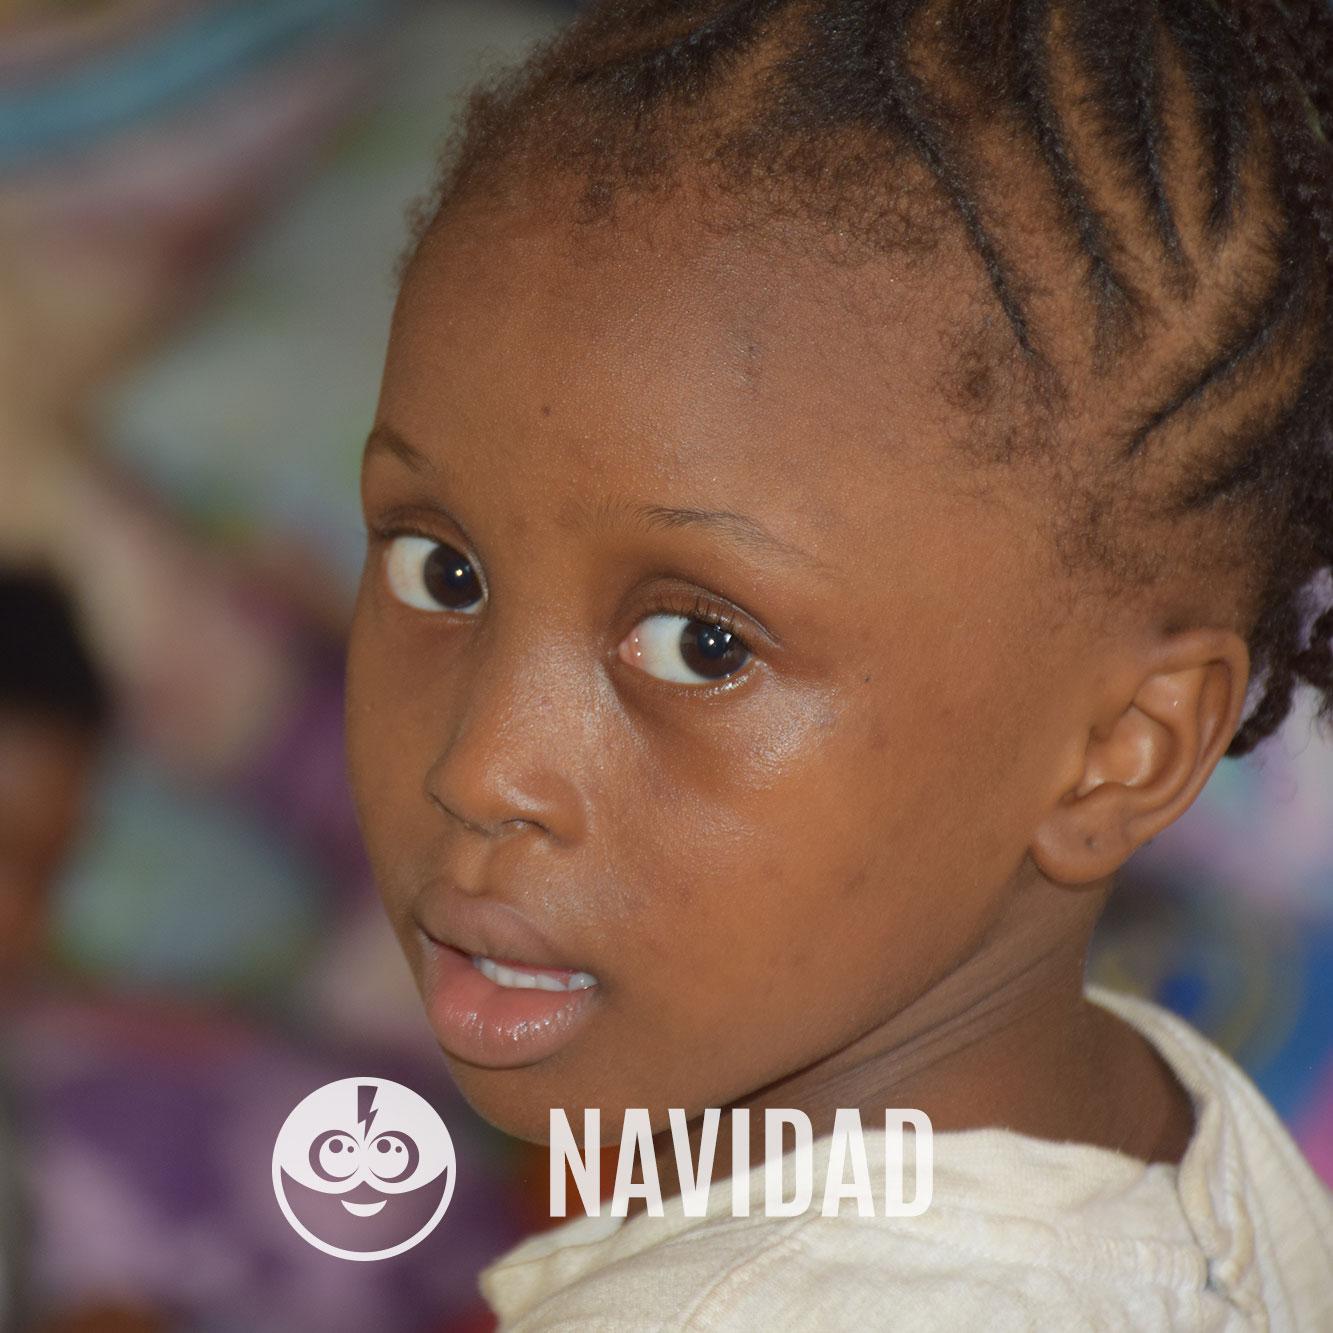 Tarjeta de Navidad solidaria - Celebraciones solidarias y regalos solidarios - Child Heroes